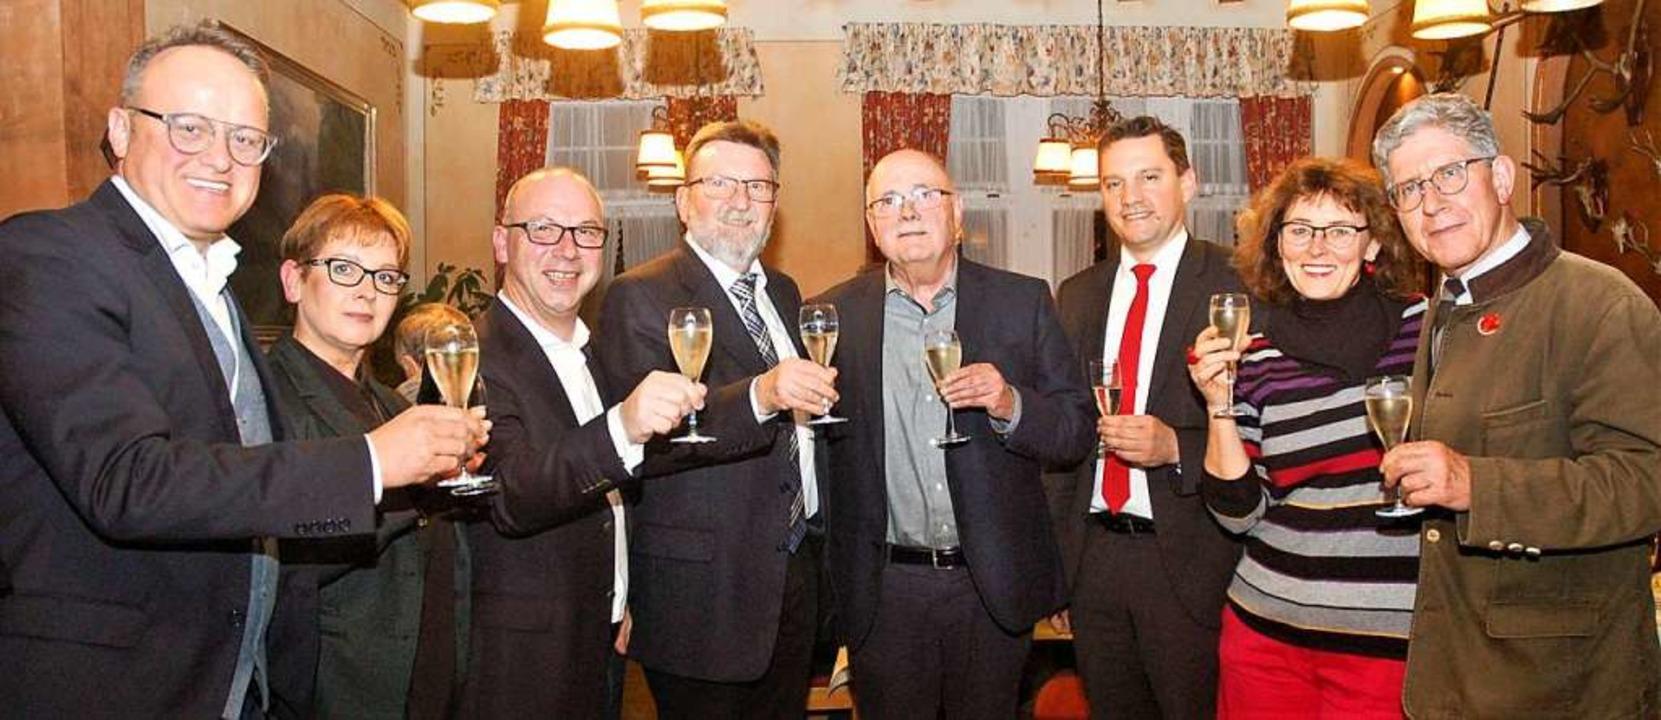 Mit Sekt wurde beim Neujahrsempfang de...Oberbürgermeister  Wolfgang G. Müller.  | Foto: Wolfgang Beck